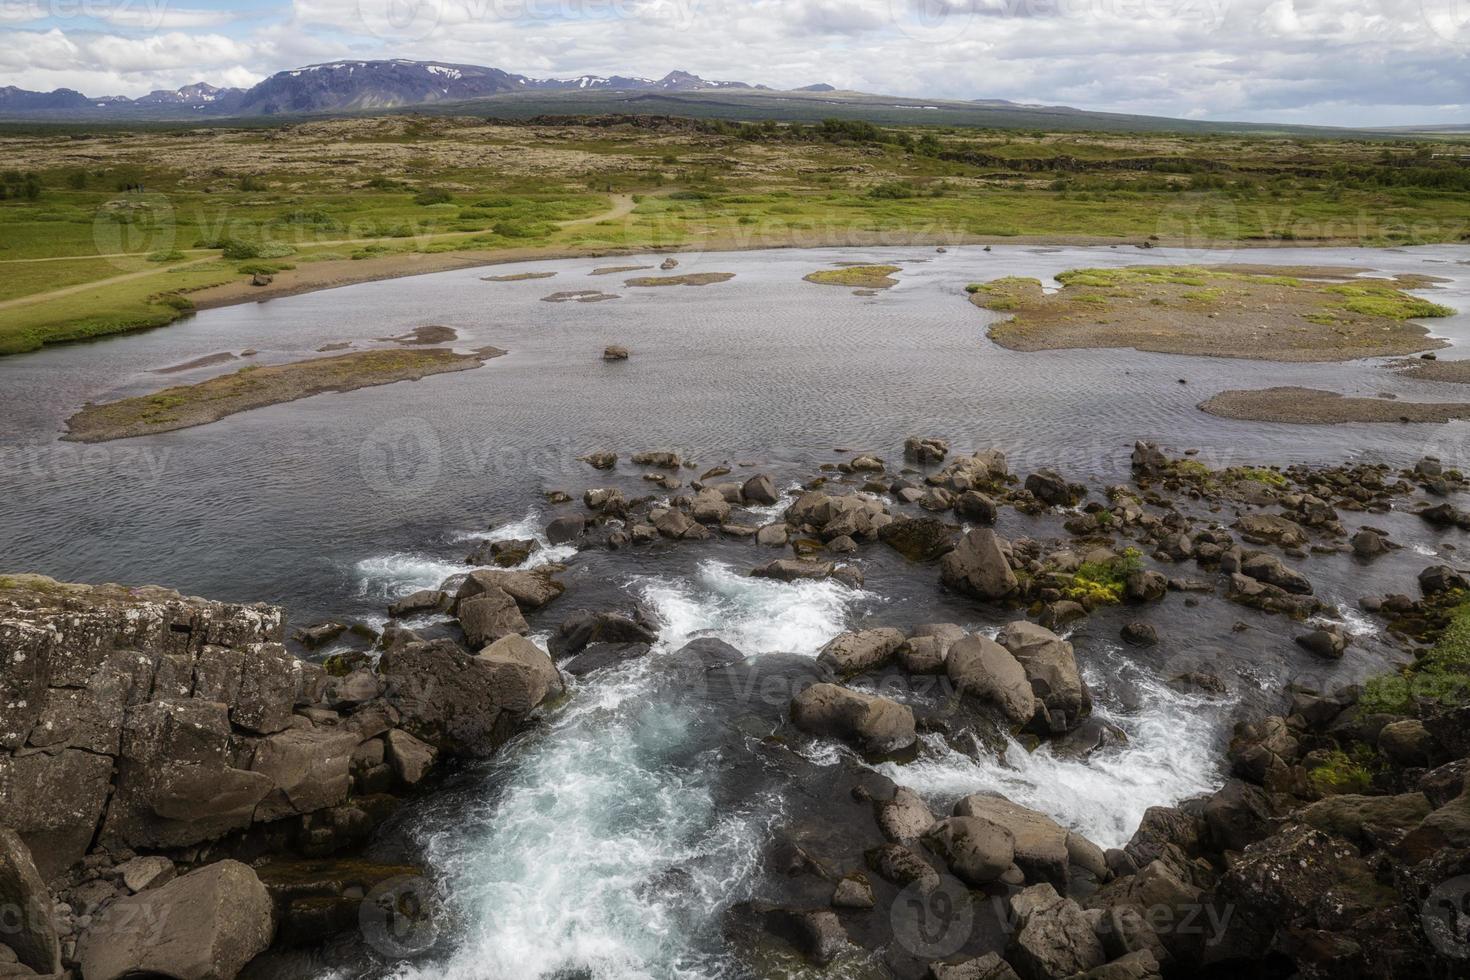 cachoeira e rio foto